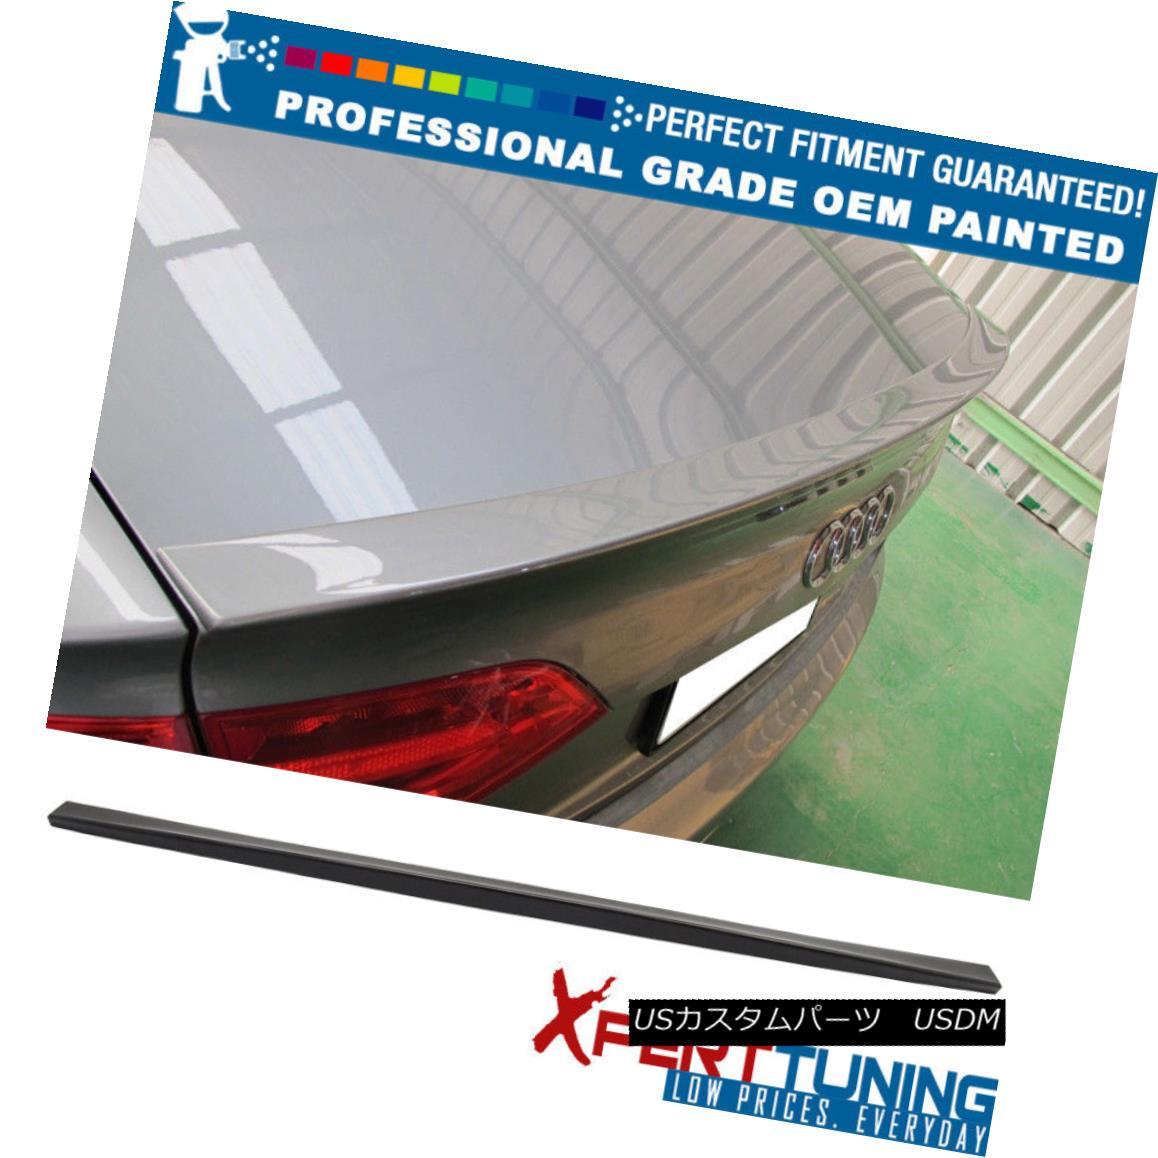 エアロパーツ 09-14 Audi A4 Quattro B8 4Dr DS Painted ABS Trunk Spoiler - OEM Painted Color 09-14アウディA4クワトロB8 4Dr DS塗装ABSトランク・スポイラー - OEM塗装カラー